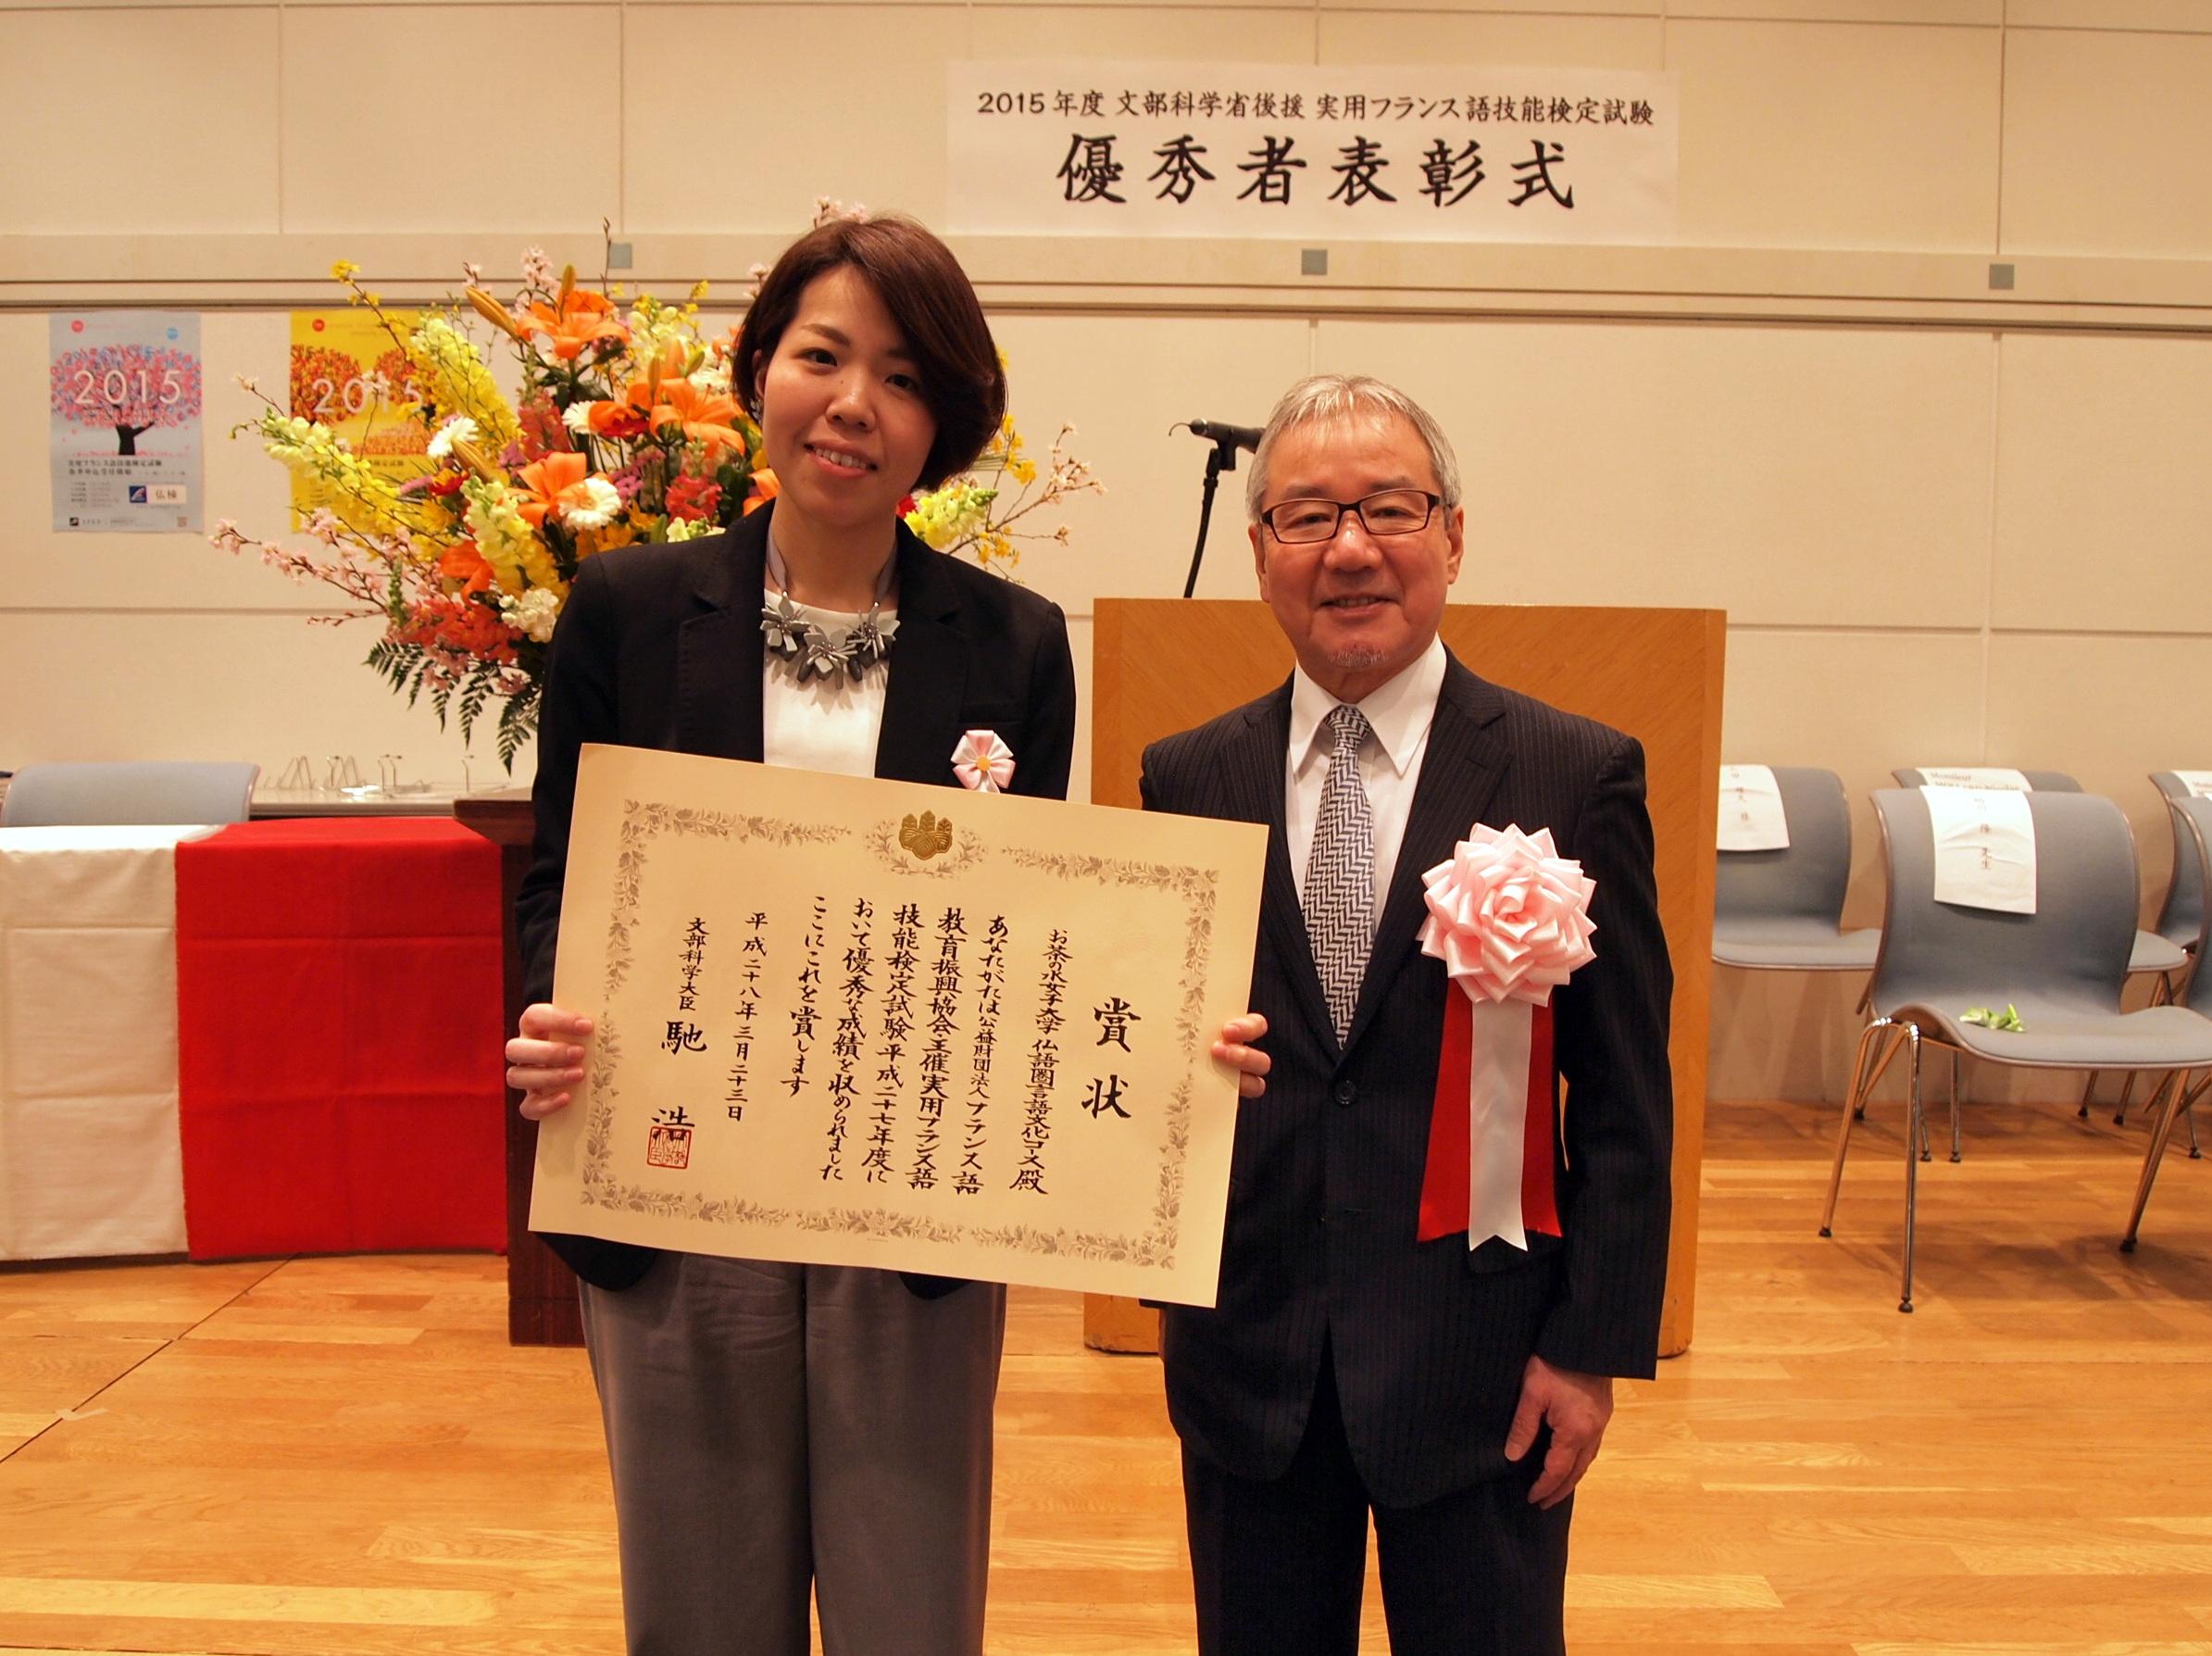 (写真左より)アカデミック・アシスタント 梶谷彩子様(お茶の水女子大学)・西澤文昭APEF理事長